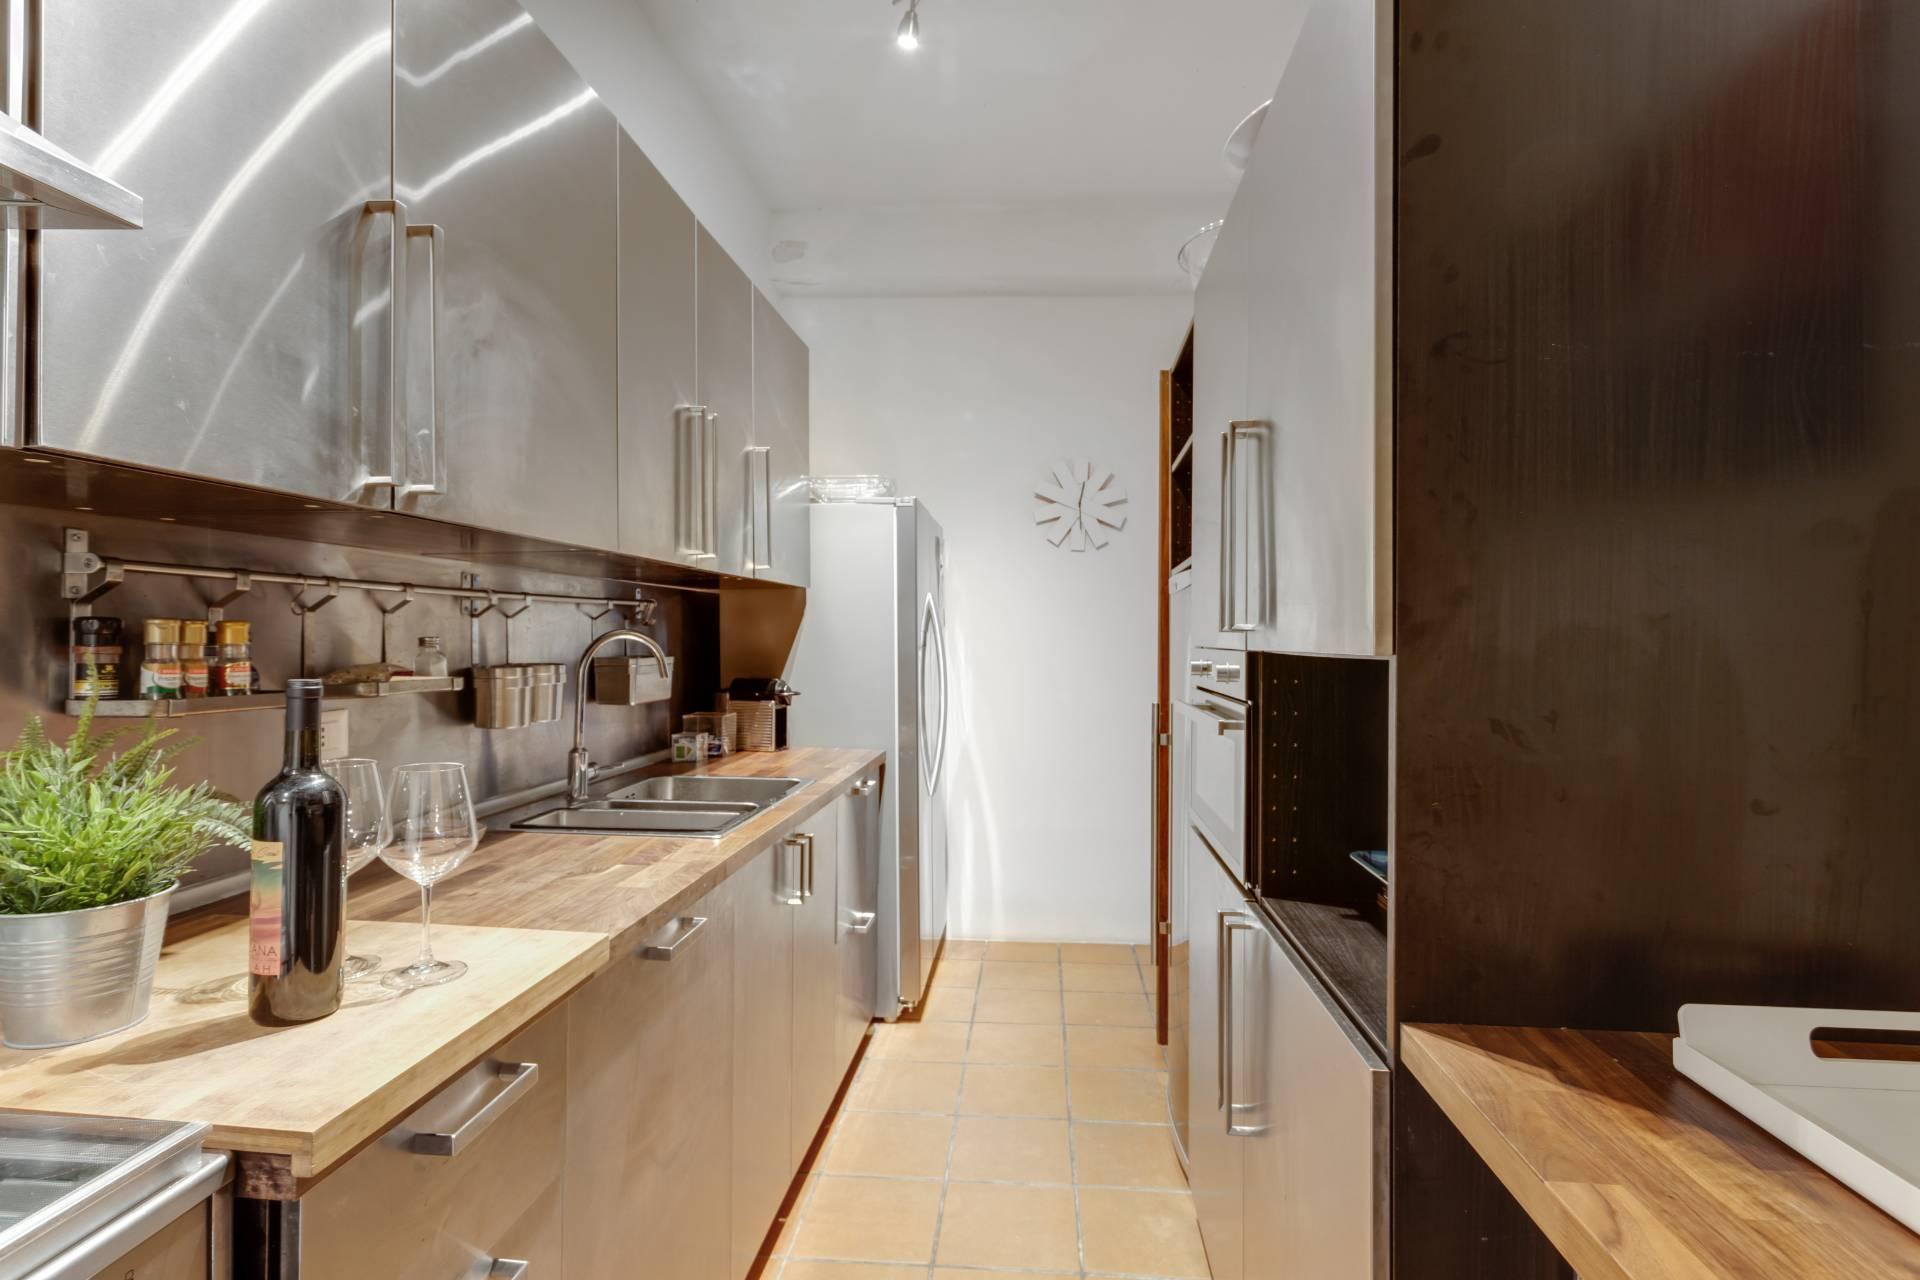 Casa indipendente in Vendita a Monte Argentario: 5 locali, 300 mq - Foto 24